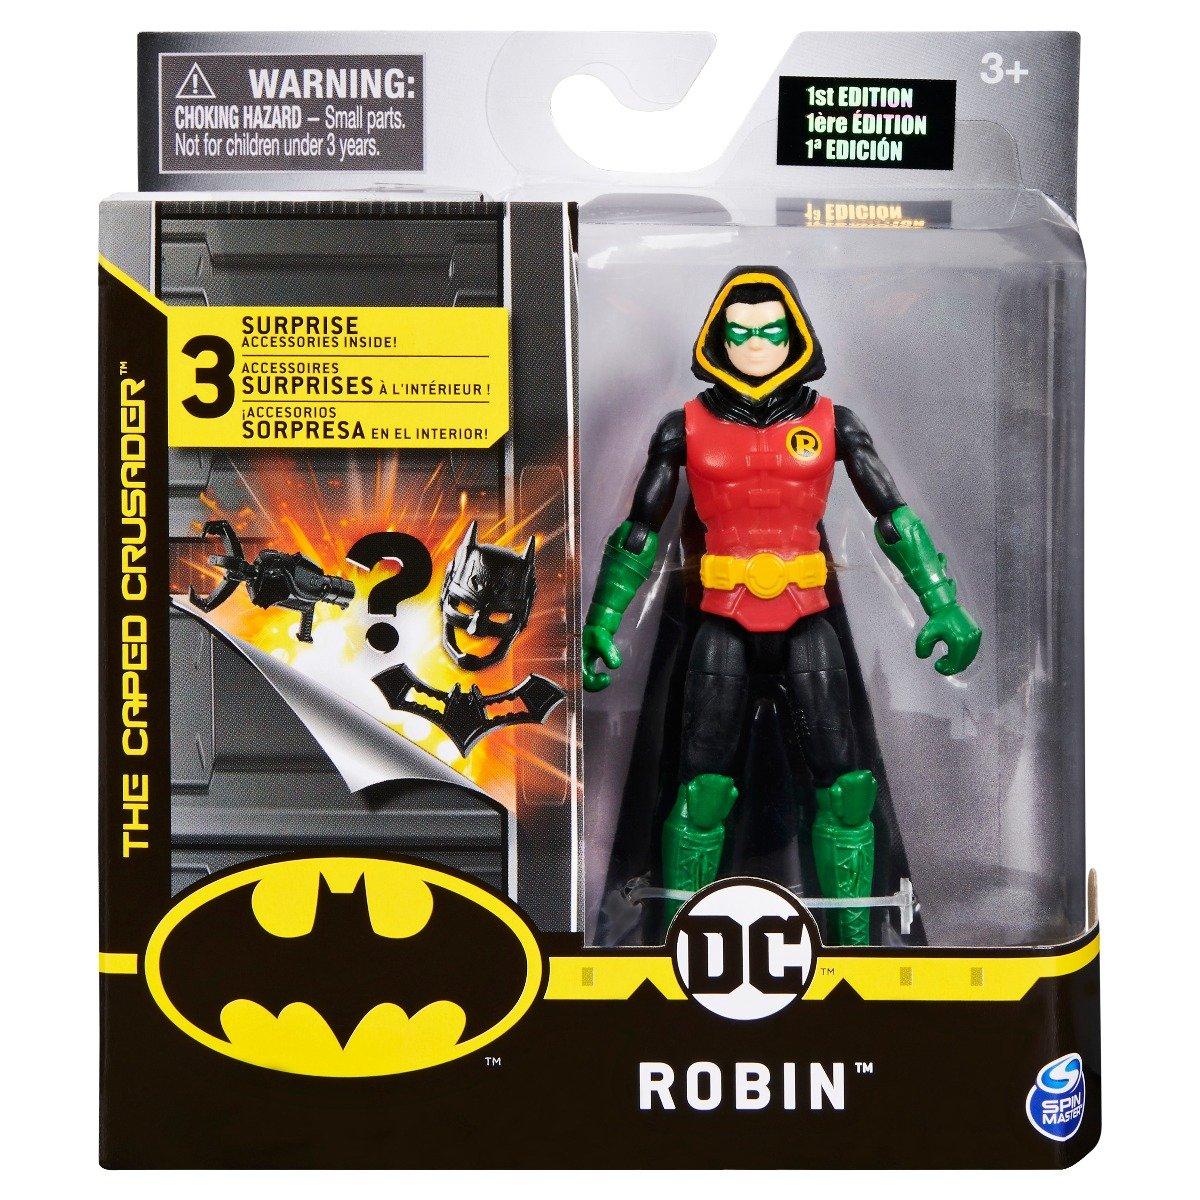 Set Figurina cu accesorii surpriza Batman, Robin 20125093